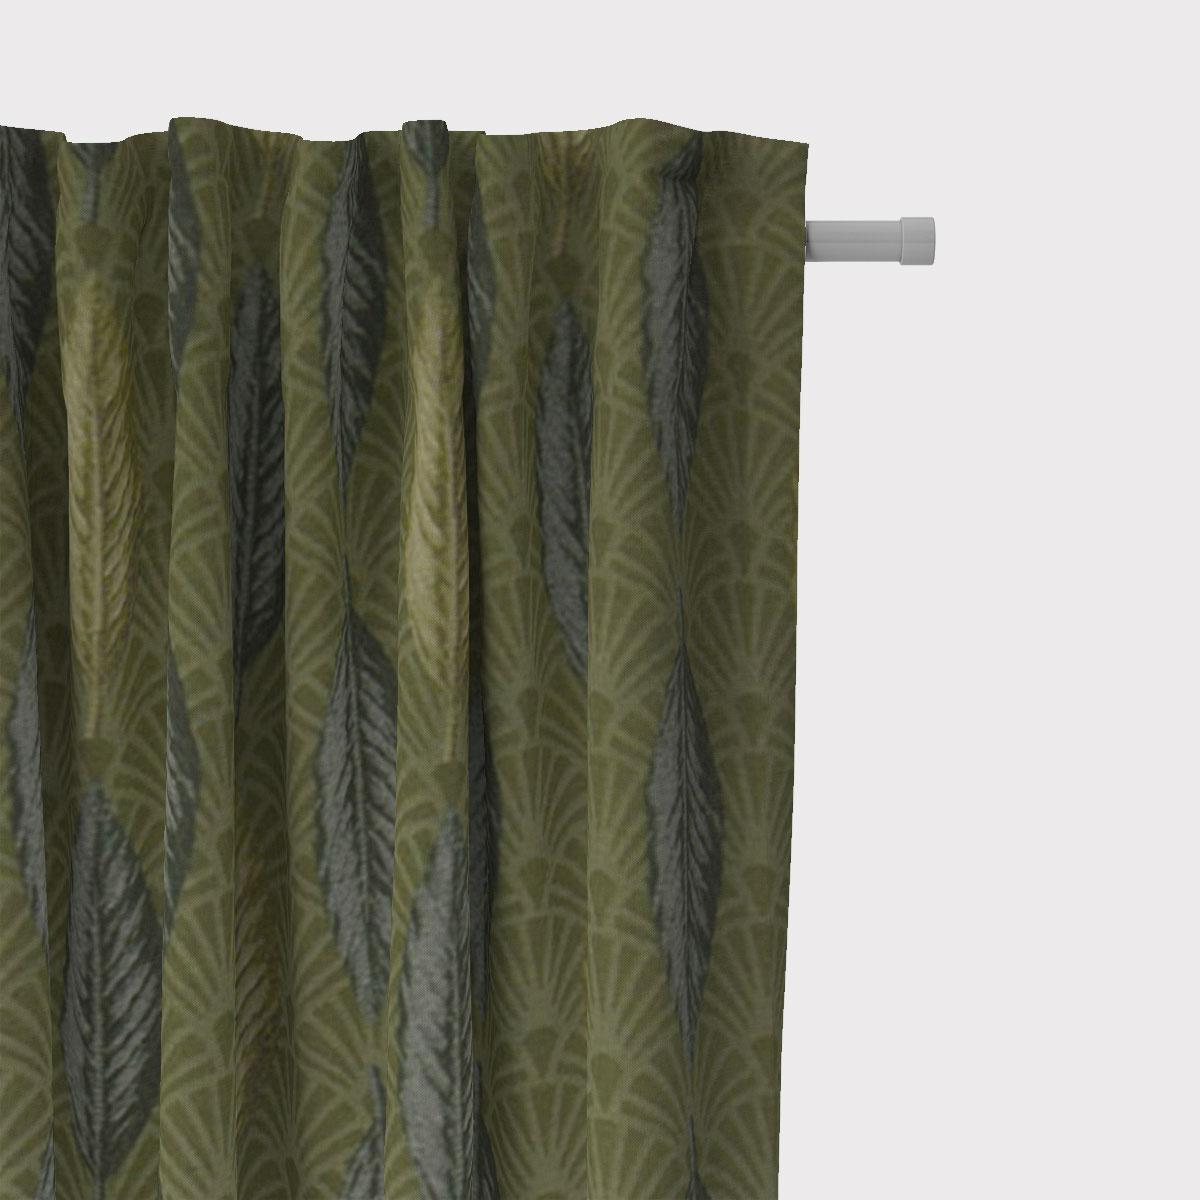 SCHÖNER LEBEN. Vorhang Art Déco Blätter Fächer grün creme 245cm oder Wunschlänge